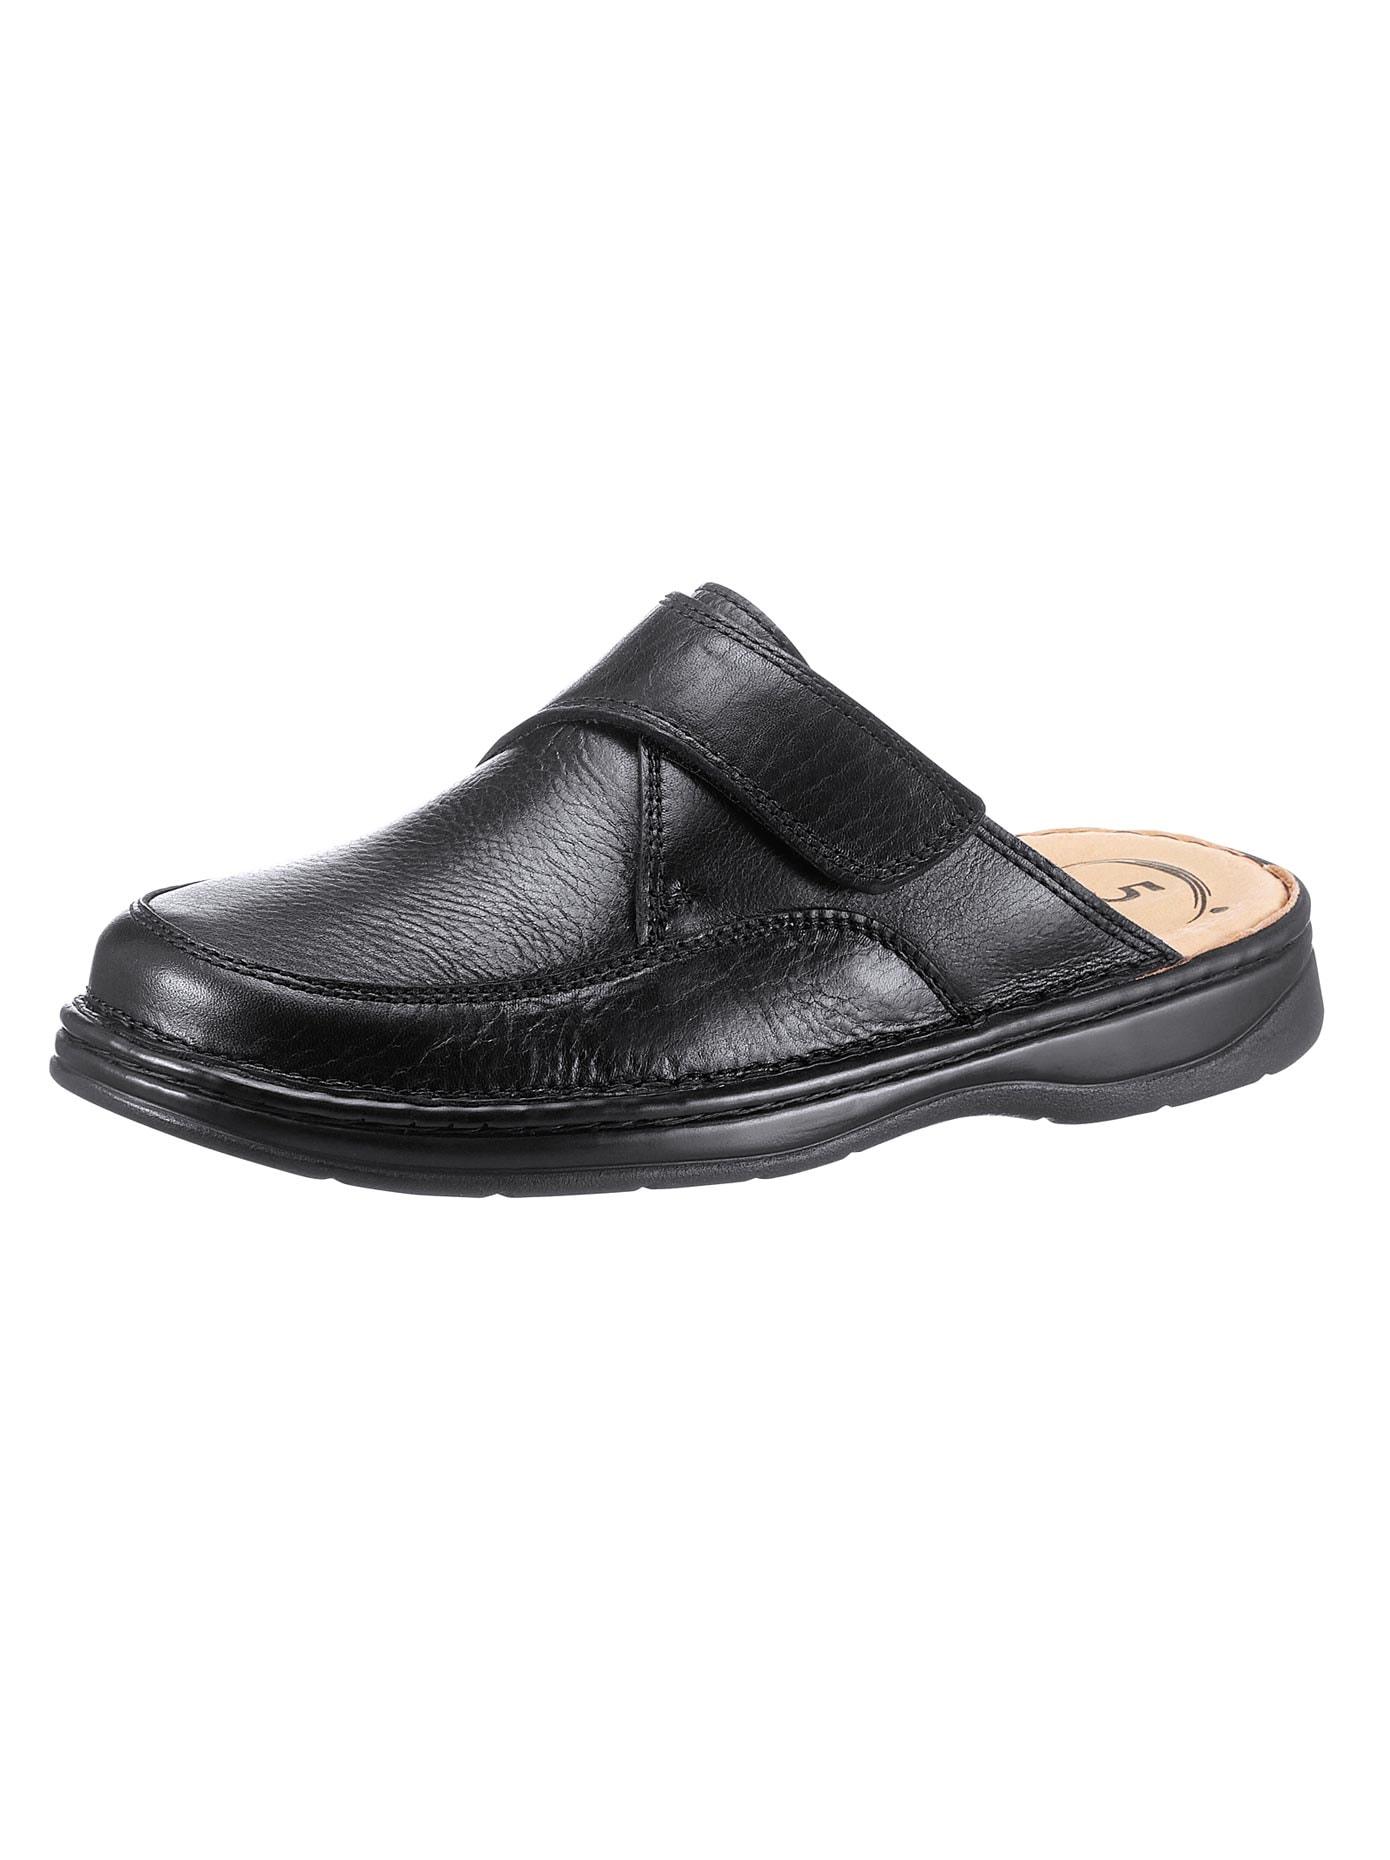 Pantoffel mit 5-Zonen-Fußbett   Schuhe > Hausschuhe > Pantoffeln   Schwarz   Leder - Pu